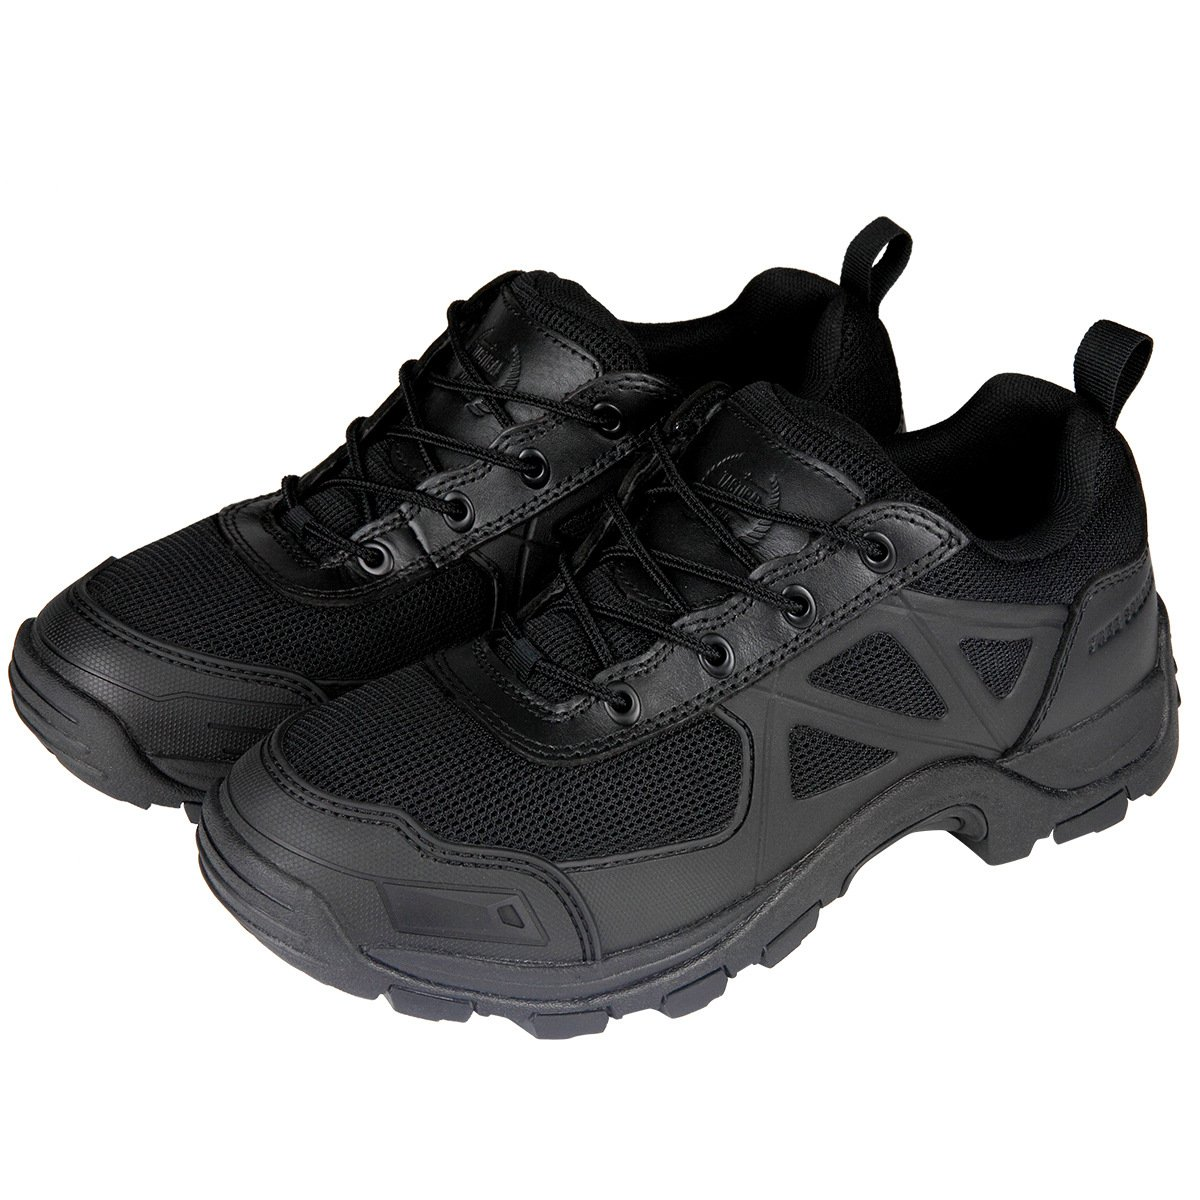 Free Soldierアウトドア急速なノンスリップキャンプハイキングブーツMountain all-terrainオフロード靴 ブラック